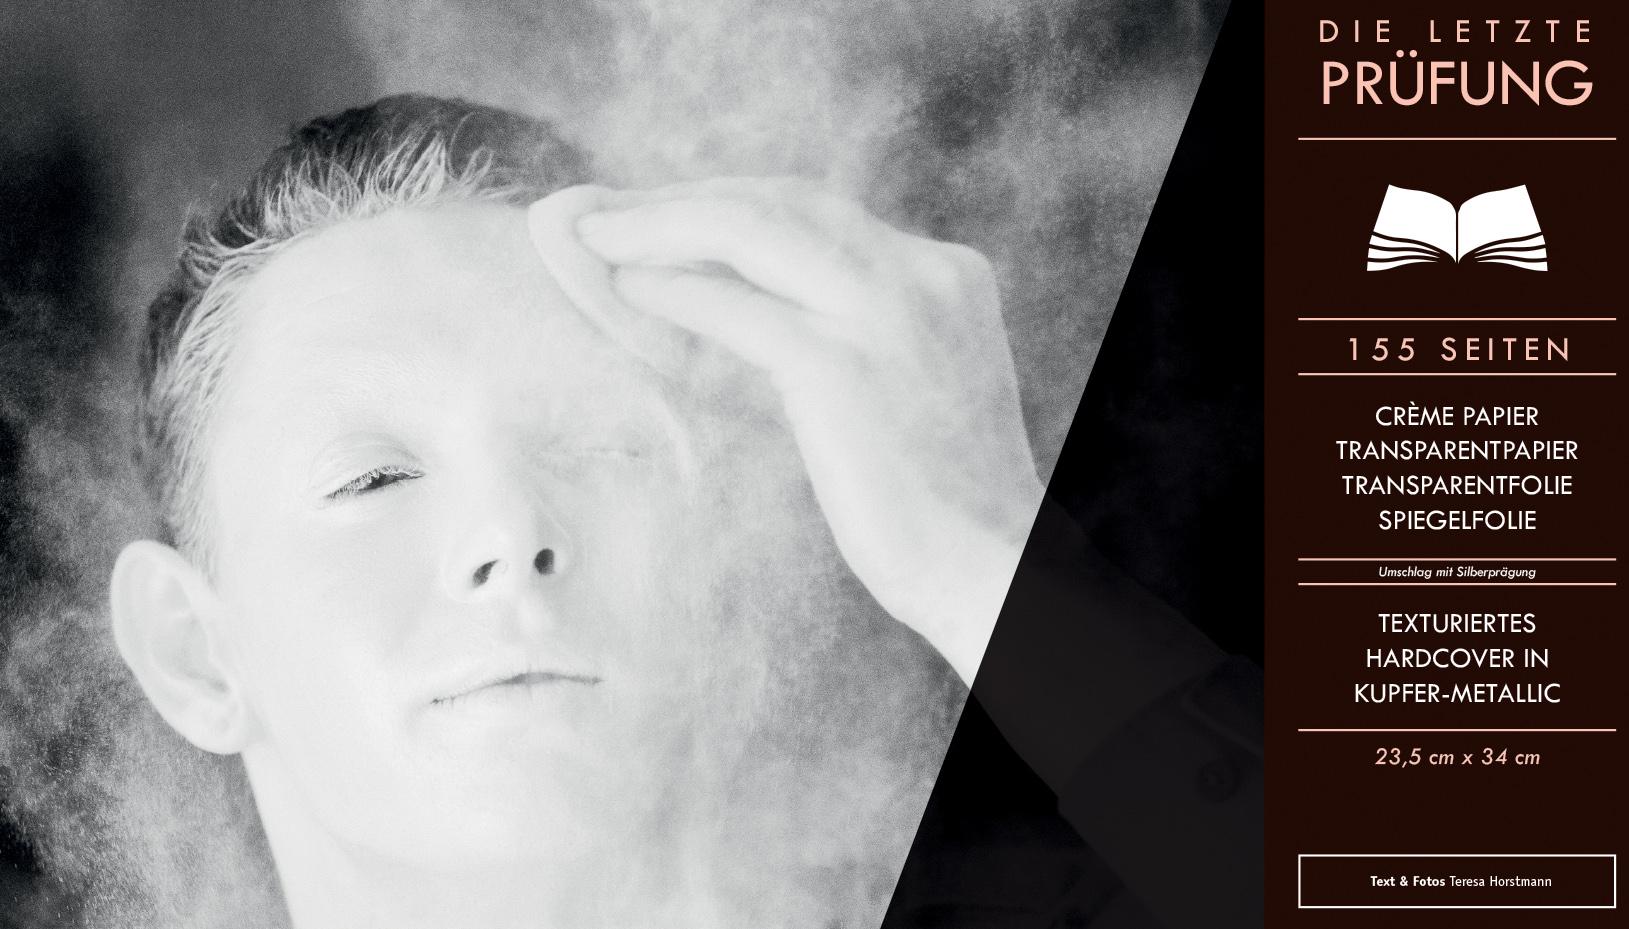 Auf einem Foto wird eine weibliche Person weiß gepudert.